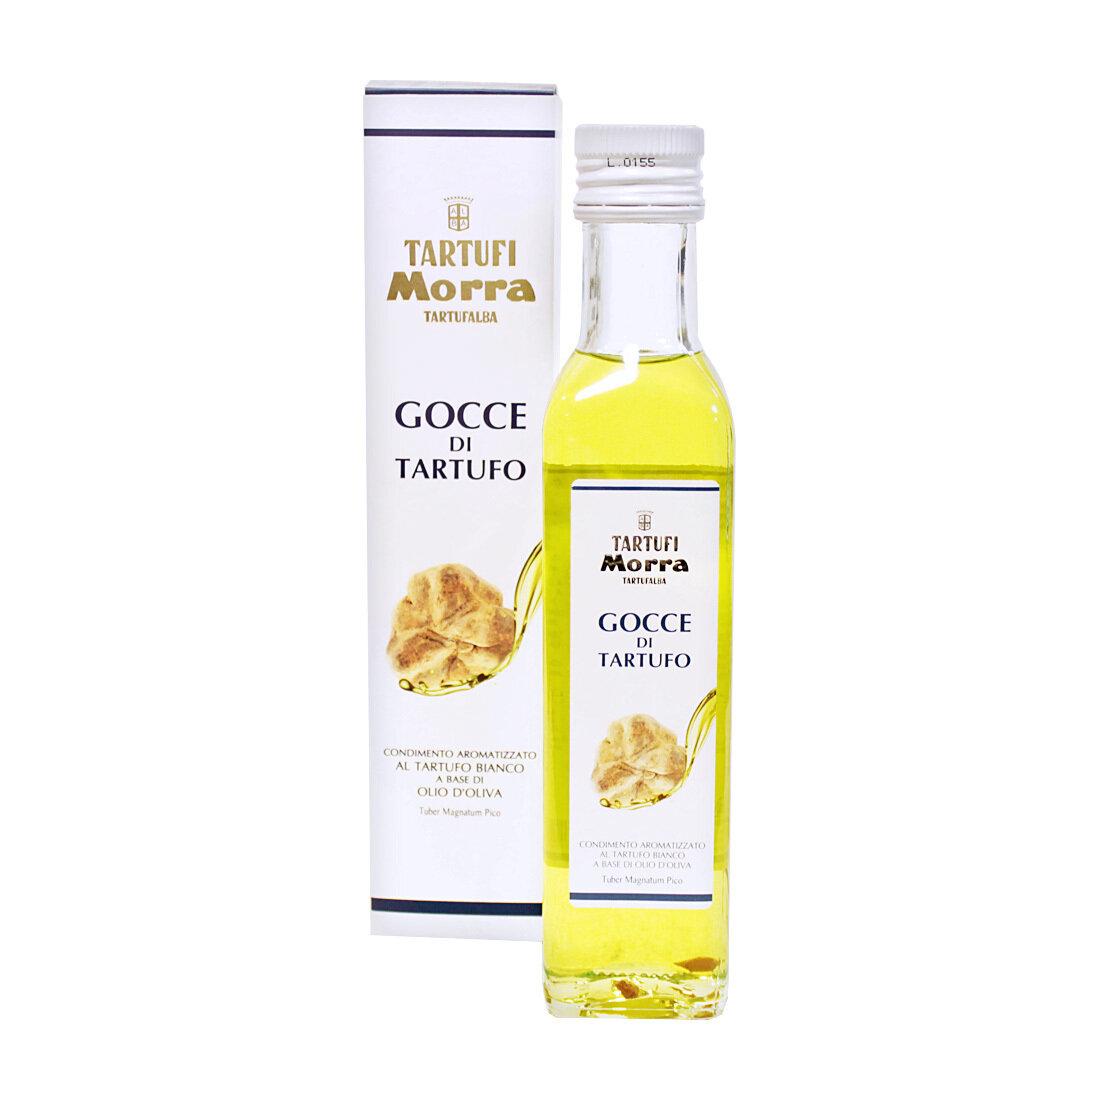 Valkotryffeliöljy (Tuber Magnatum Pico) | White Truffle Flavoured Olive Oil | TARTUFI MORRA | 250 ML